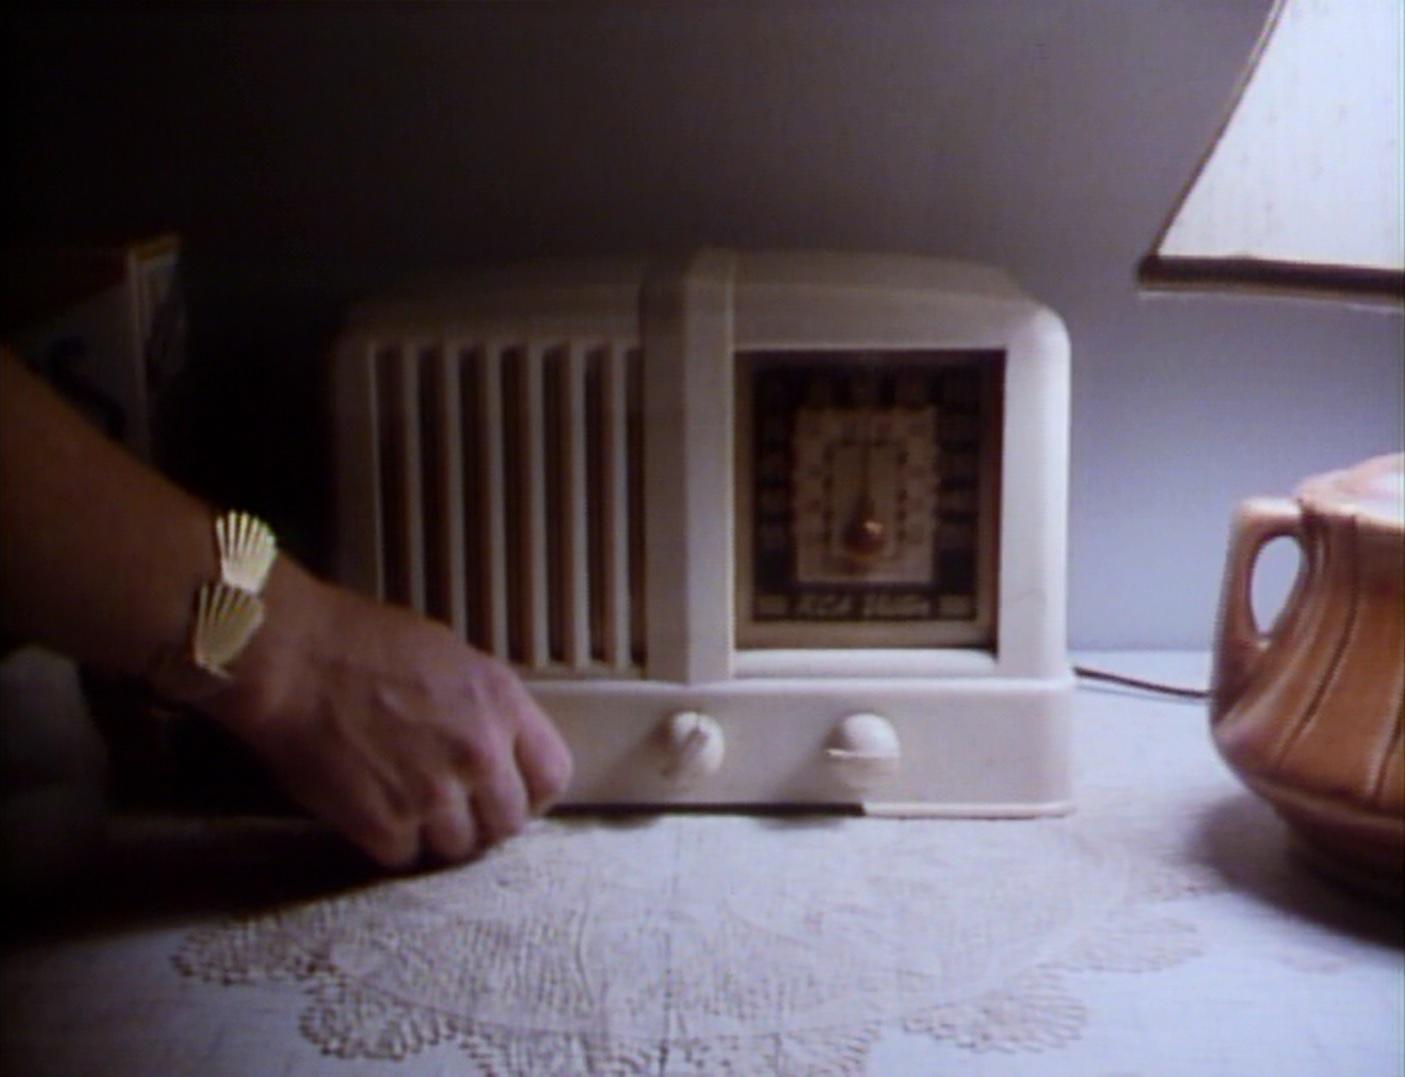 the enormous radio